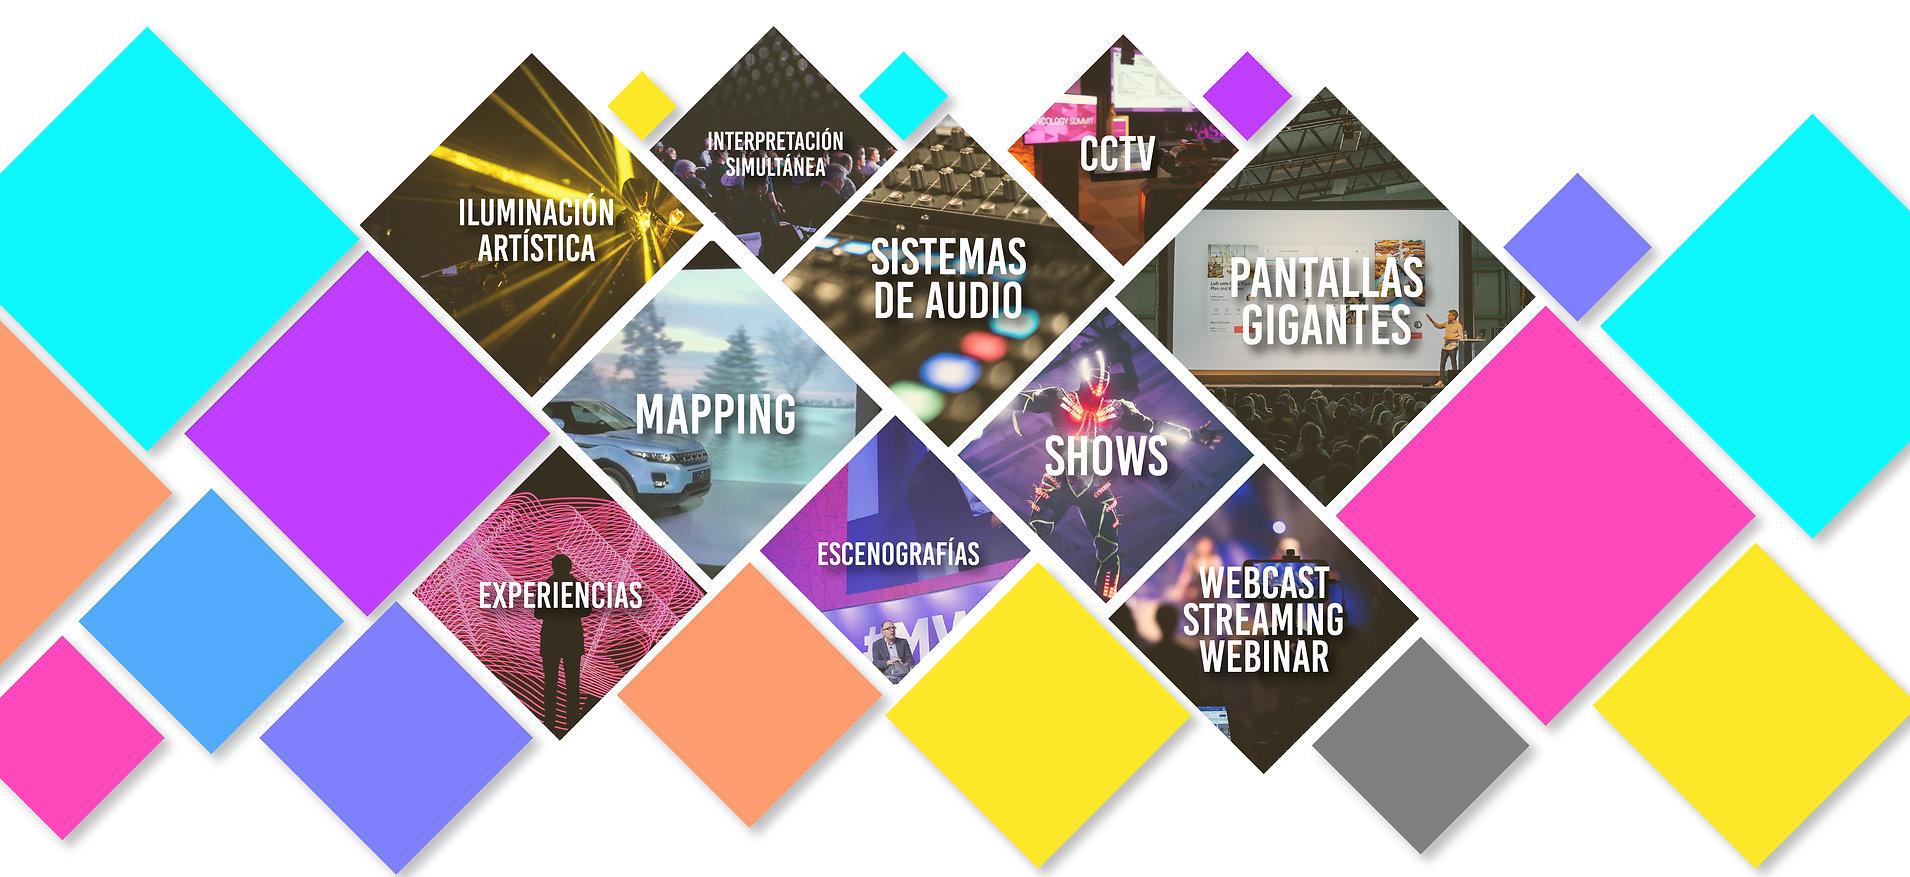 Iluminación Artística, Interpretación Simultánea, Sistemas de Audi, Video Mapping, CCTV, Shows, Escenografías, Eperiencias, Webcast, Streaming, Webinars, Patallas Gigantes.